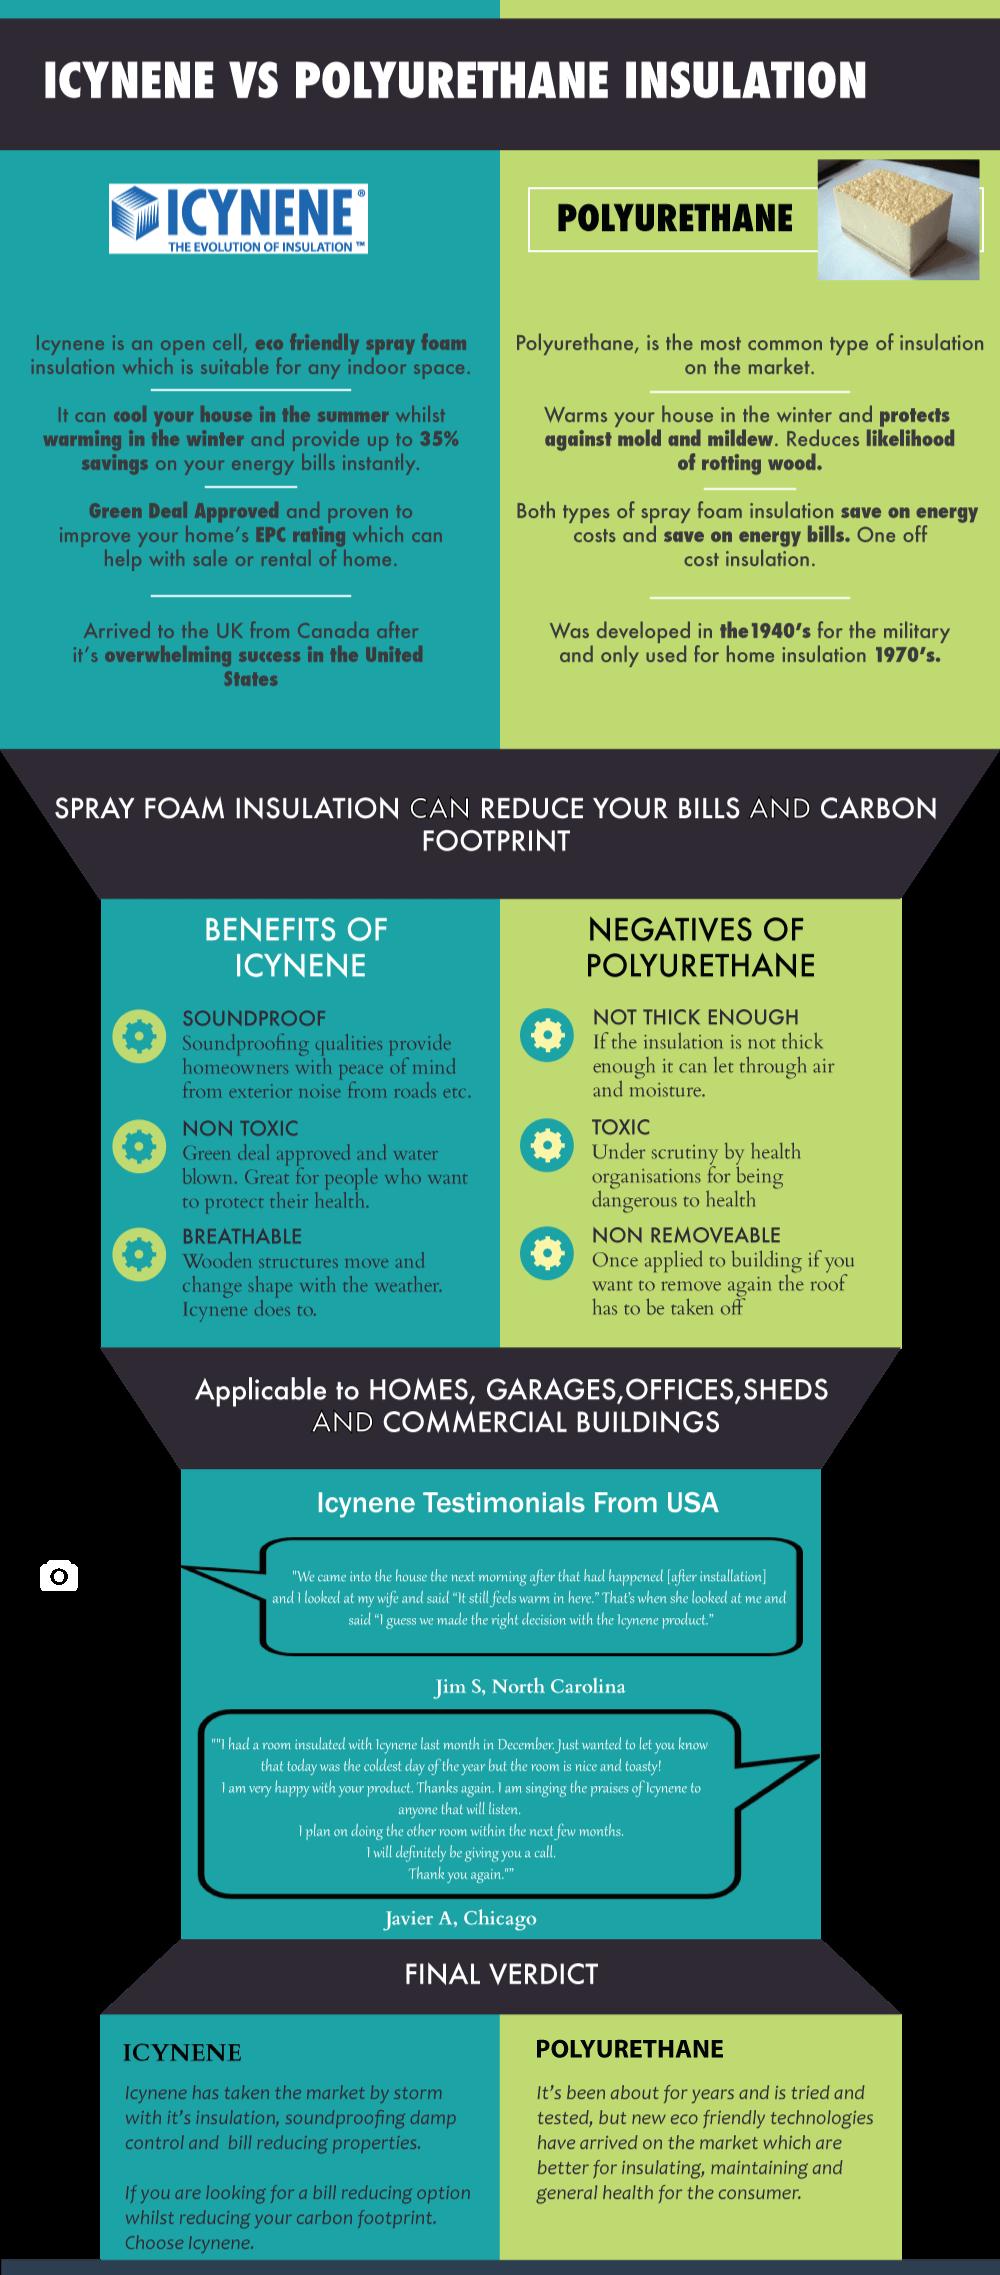 Icynene vs Polyurethane Infographic